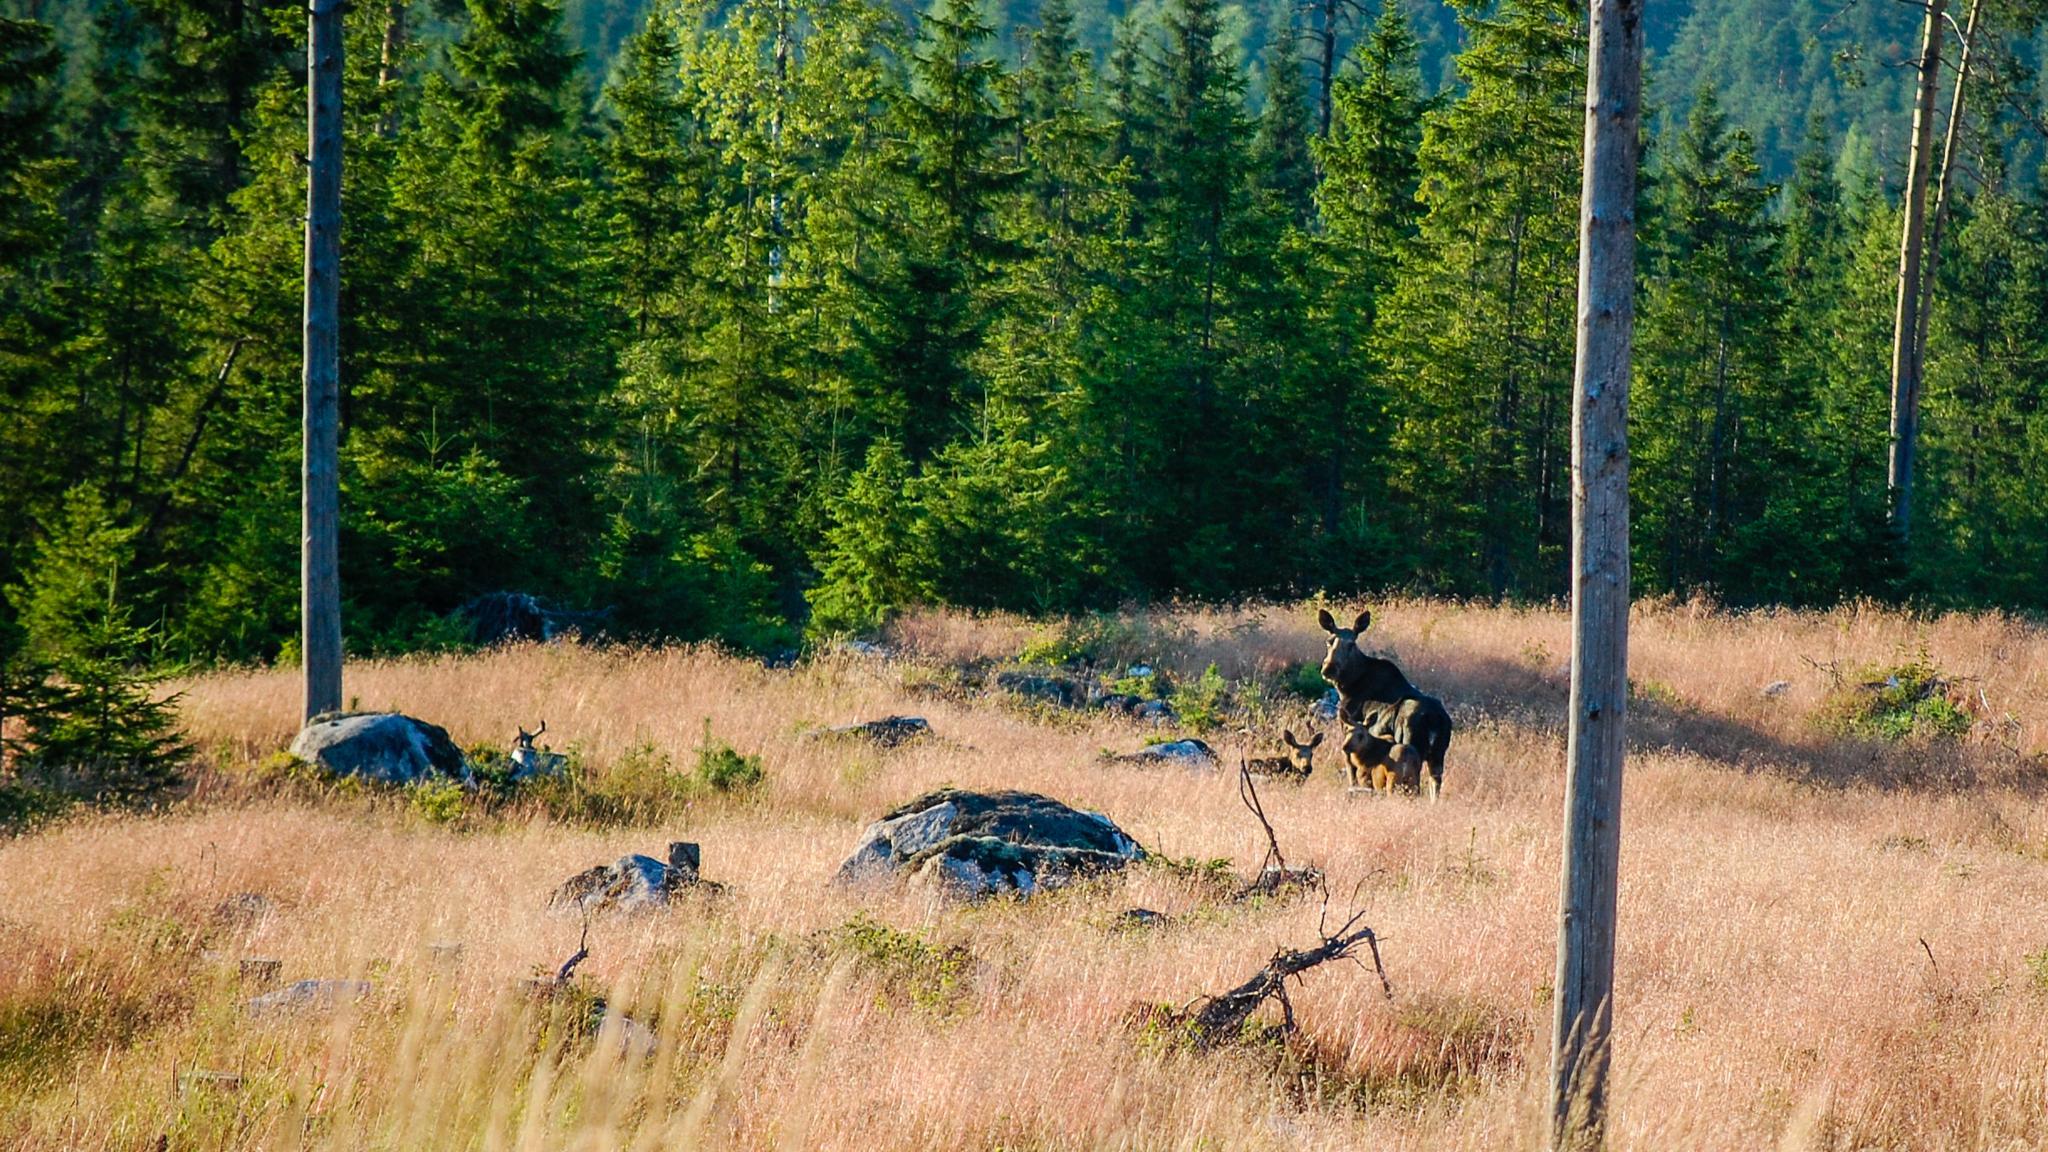 Moose with 2 babies by Geert Broeks